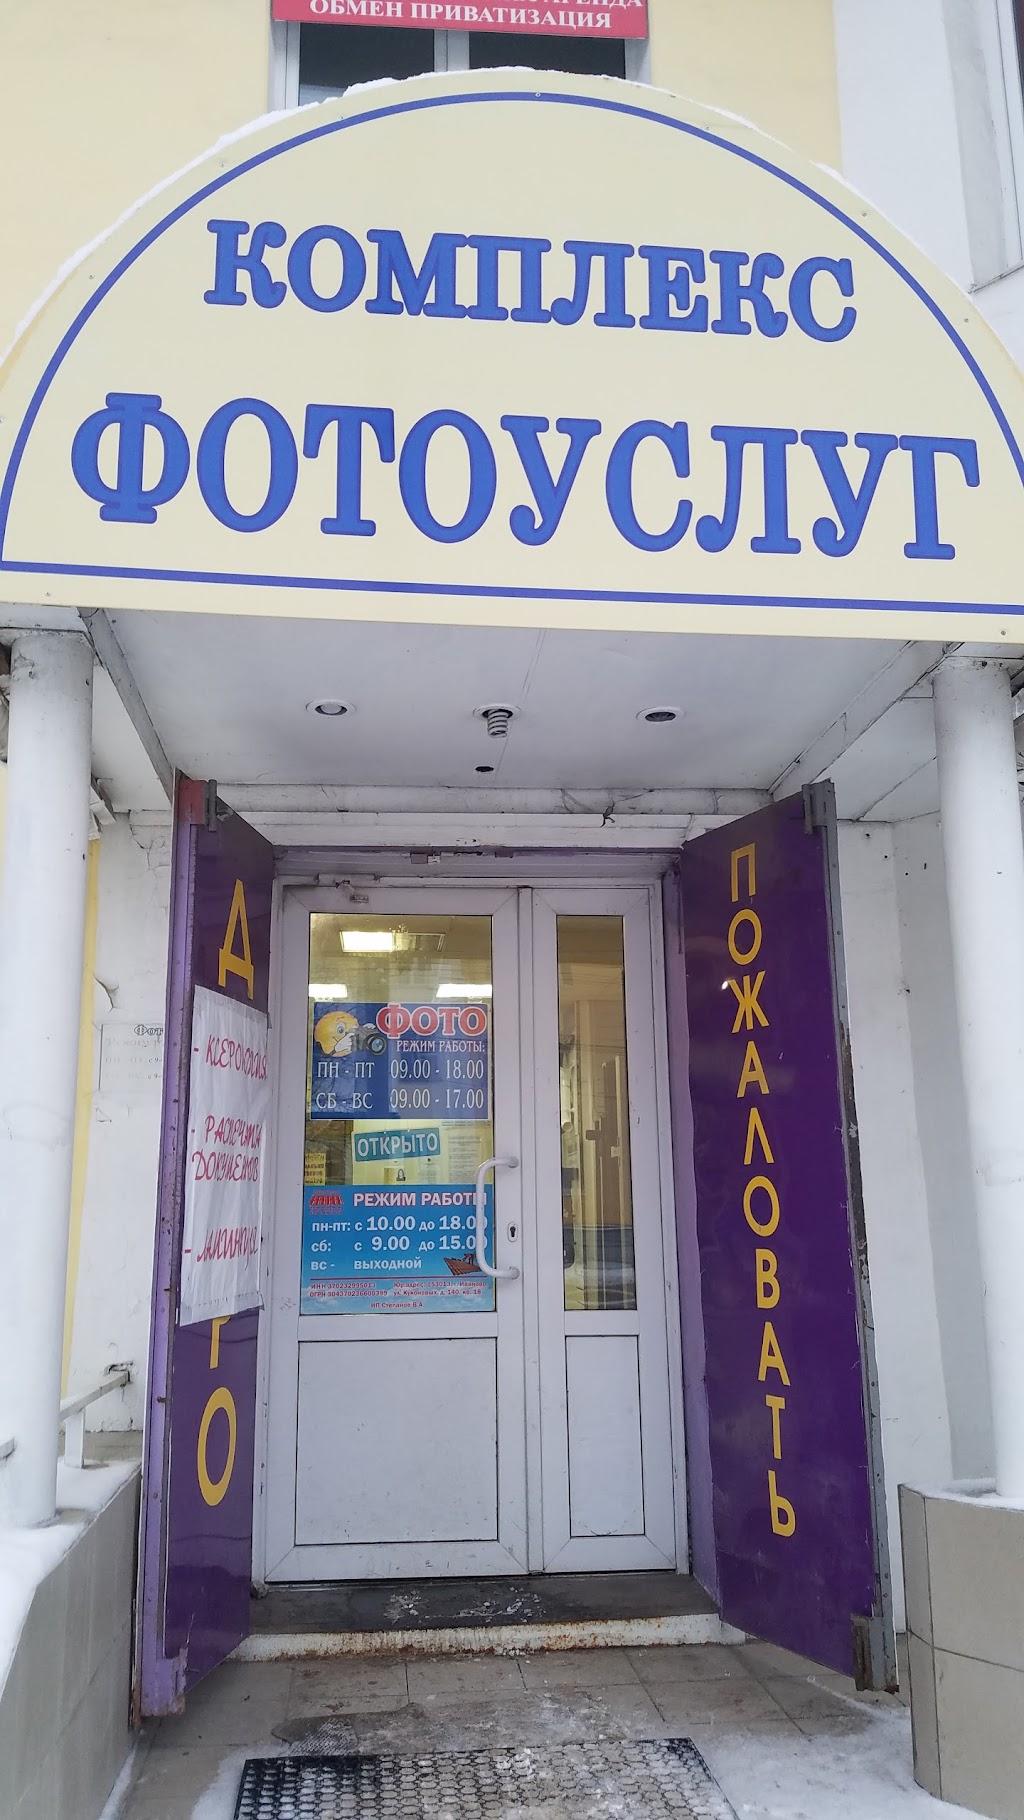 Фото Ковров: Комплекс фотоуслуг